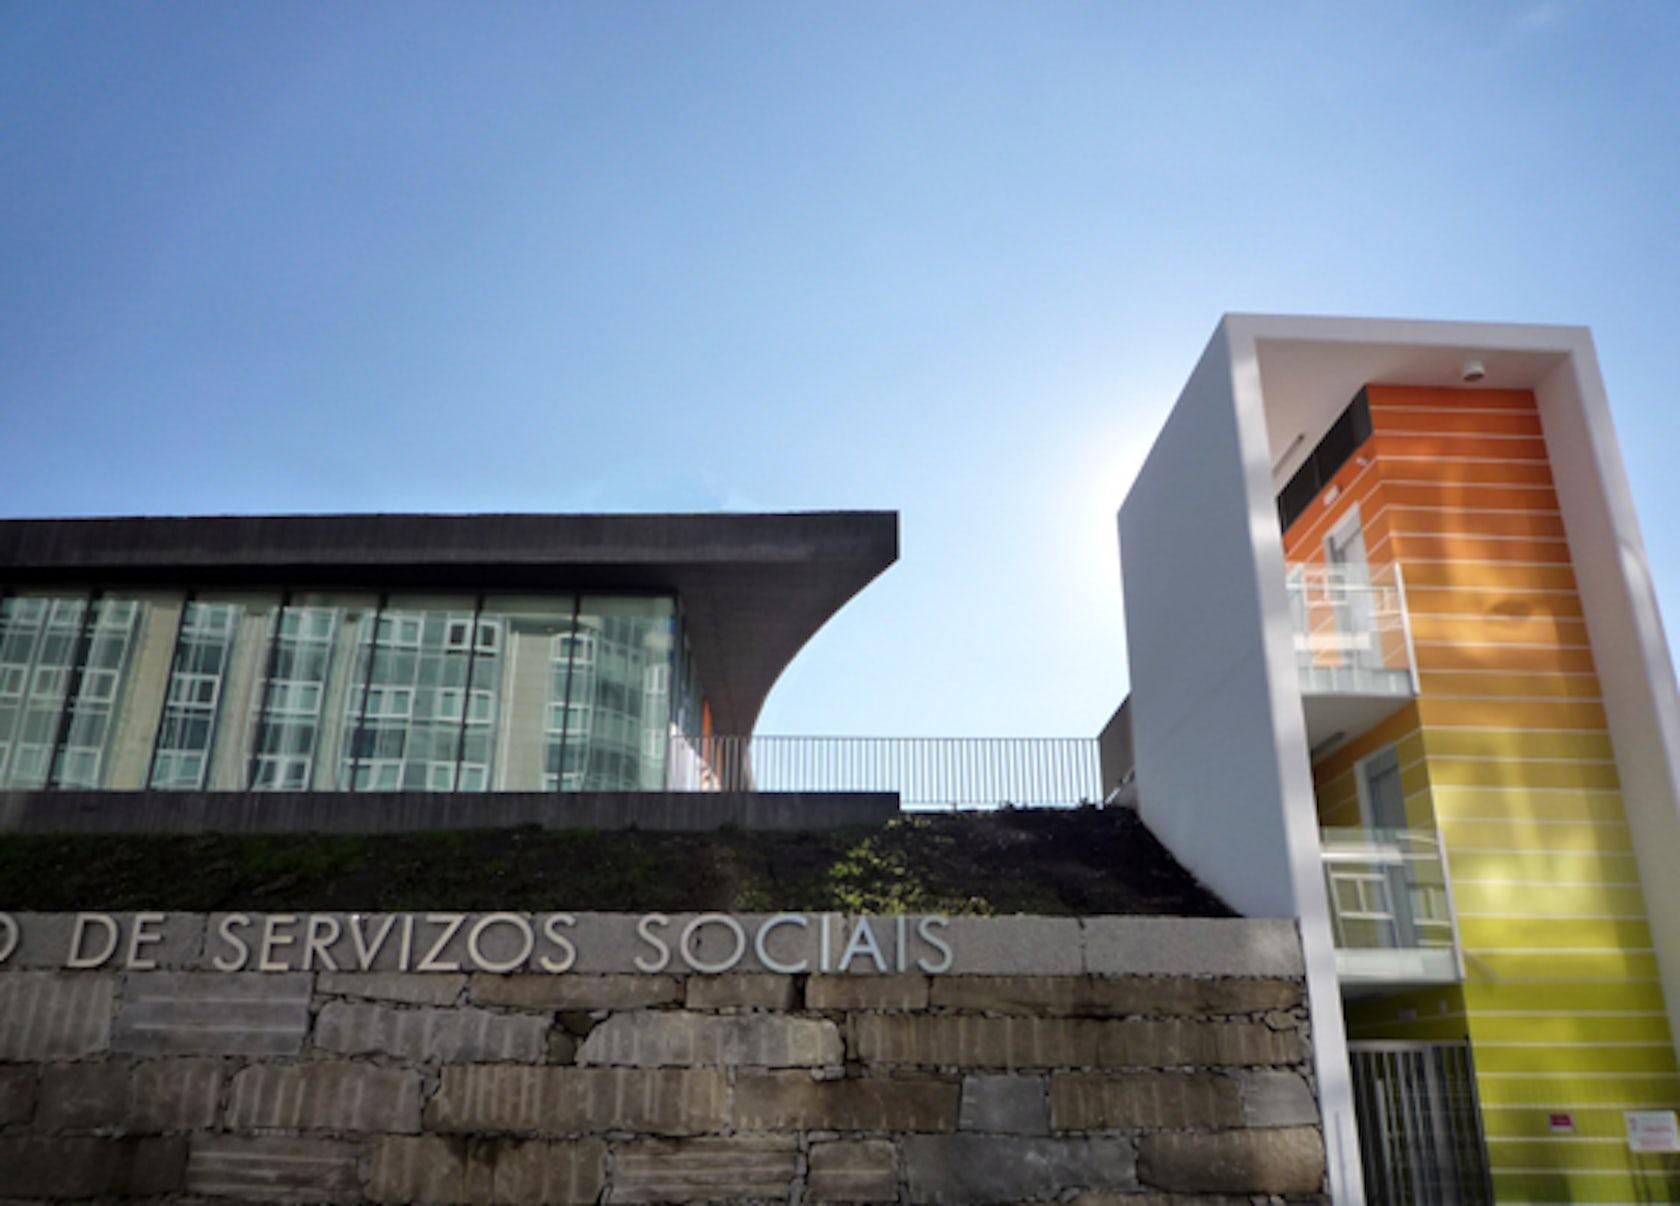 Center of social services in montealto a coru a spain - Estudios arquitectura coruna ...